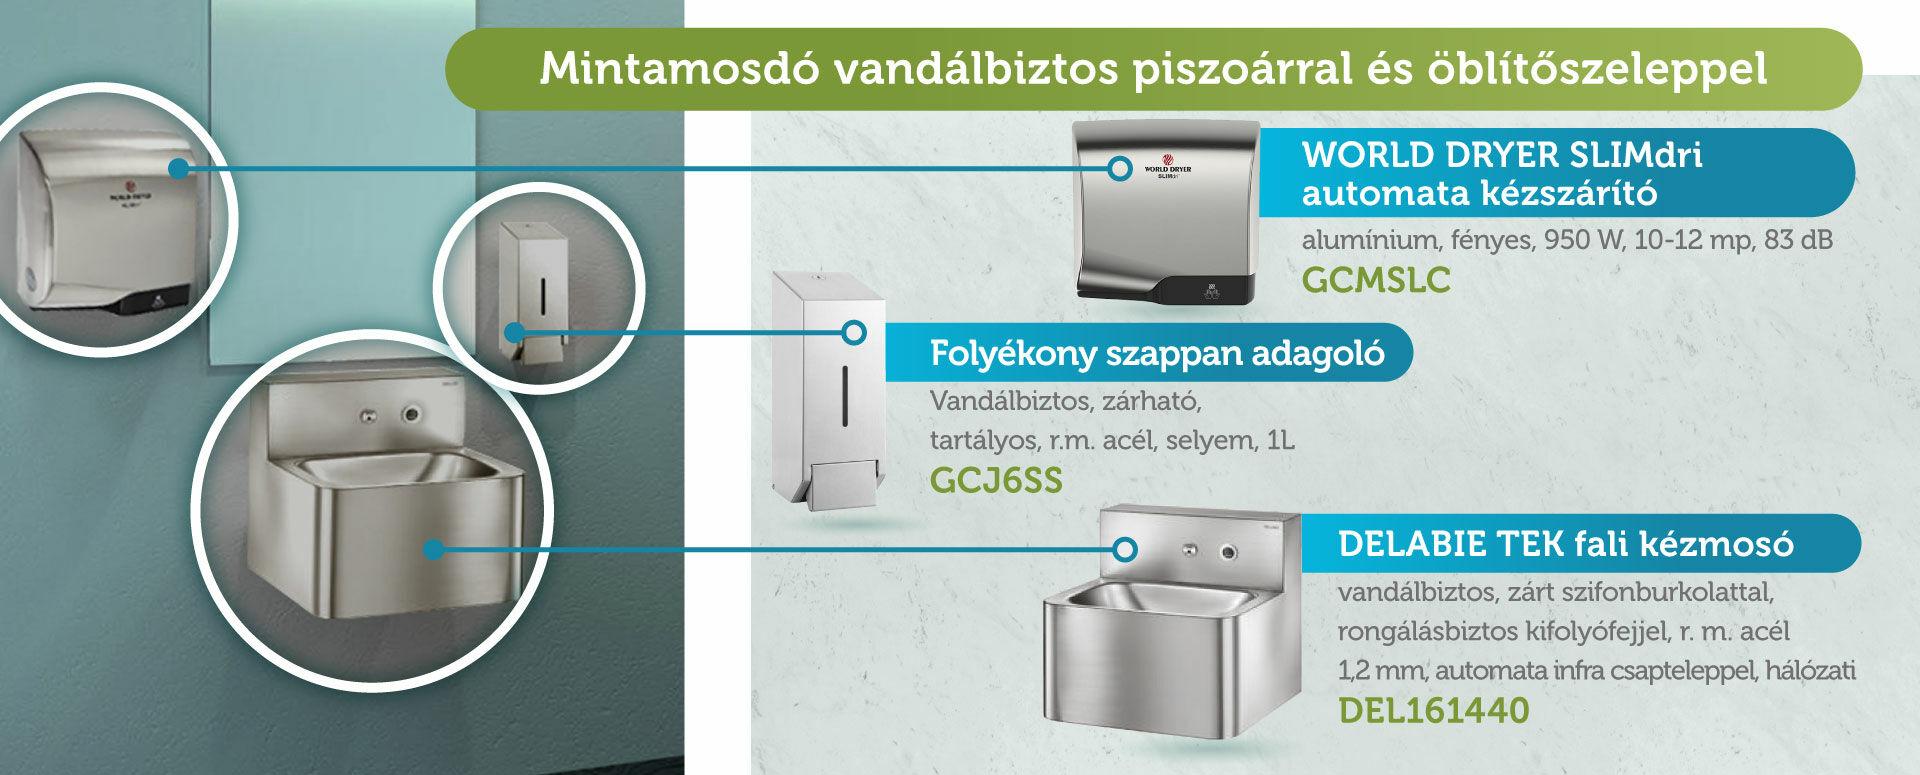 mintamosdó, mosdókagylóval, szappanadagolóval, kézszárítóval